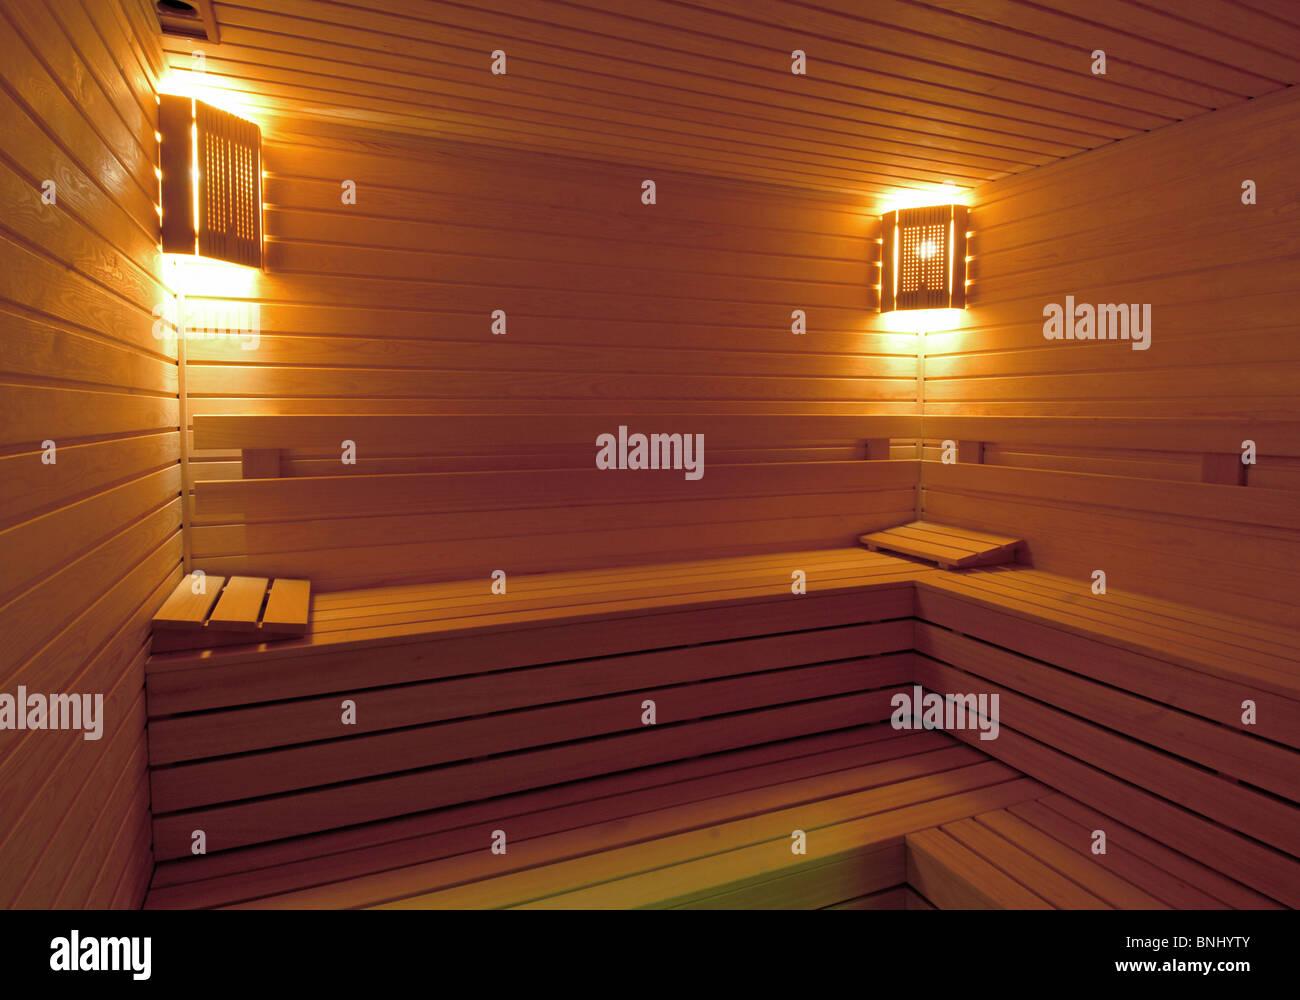 Interior Of Sauna Stock Photos & Interior Of Sauna Stock